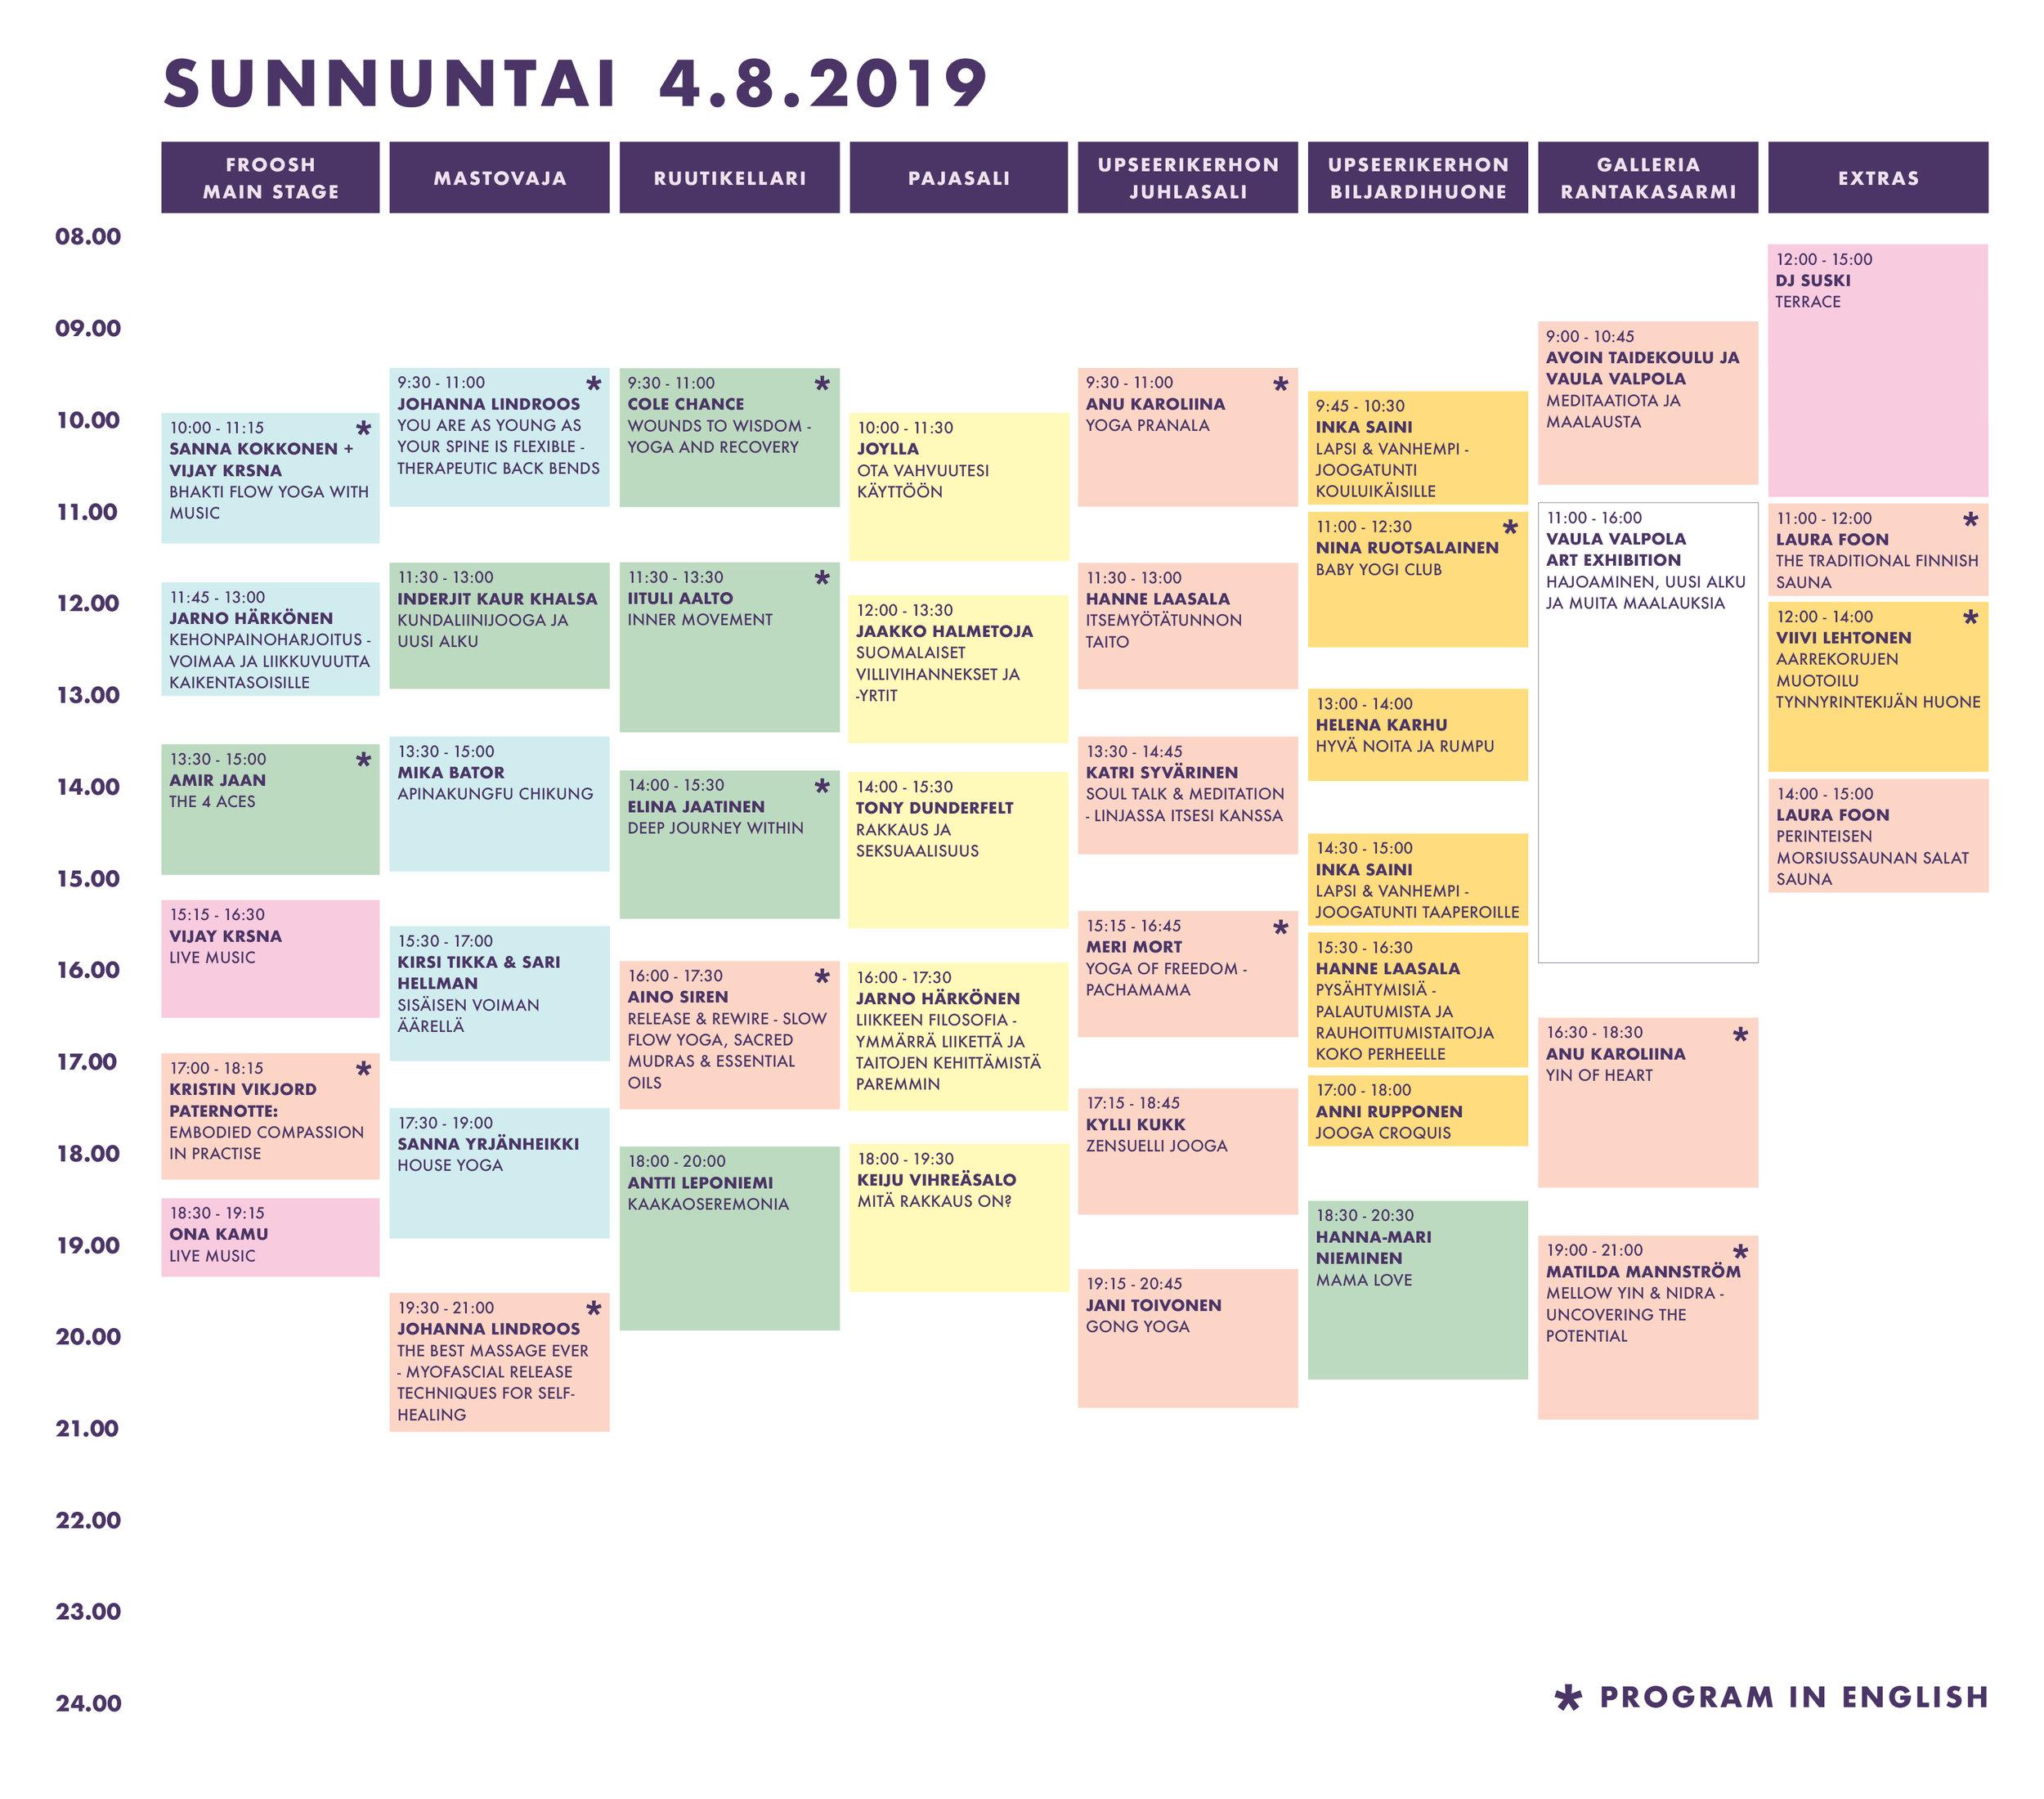 Sunnuntai Program big_23_63.jpg